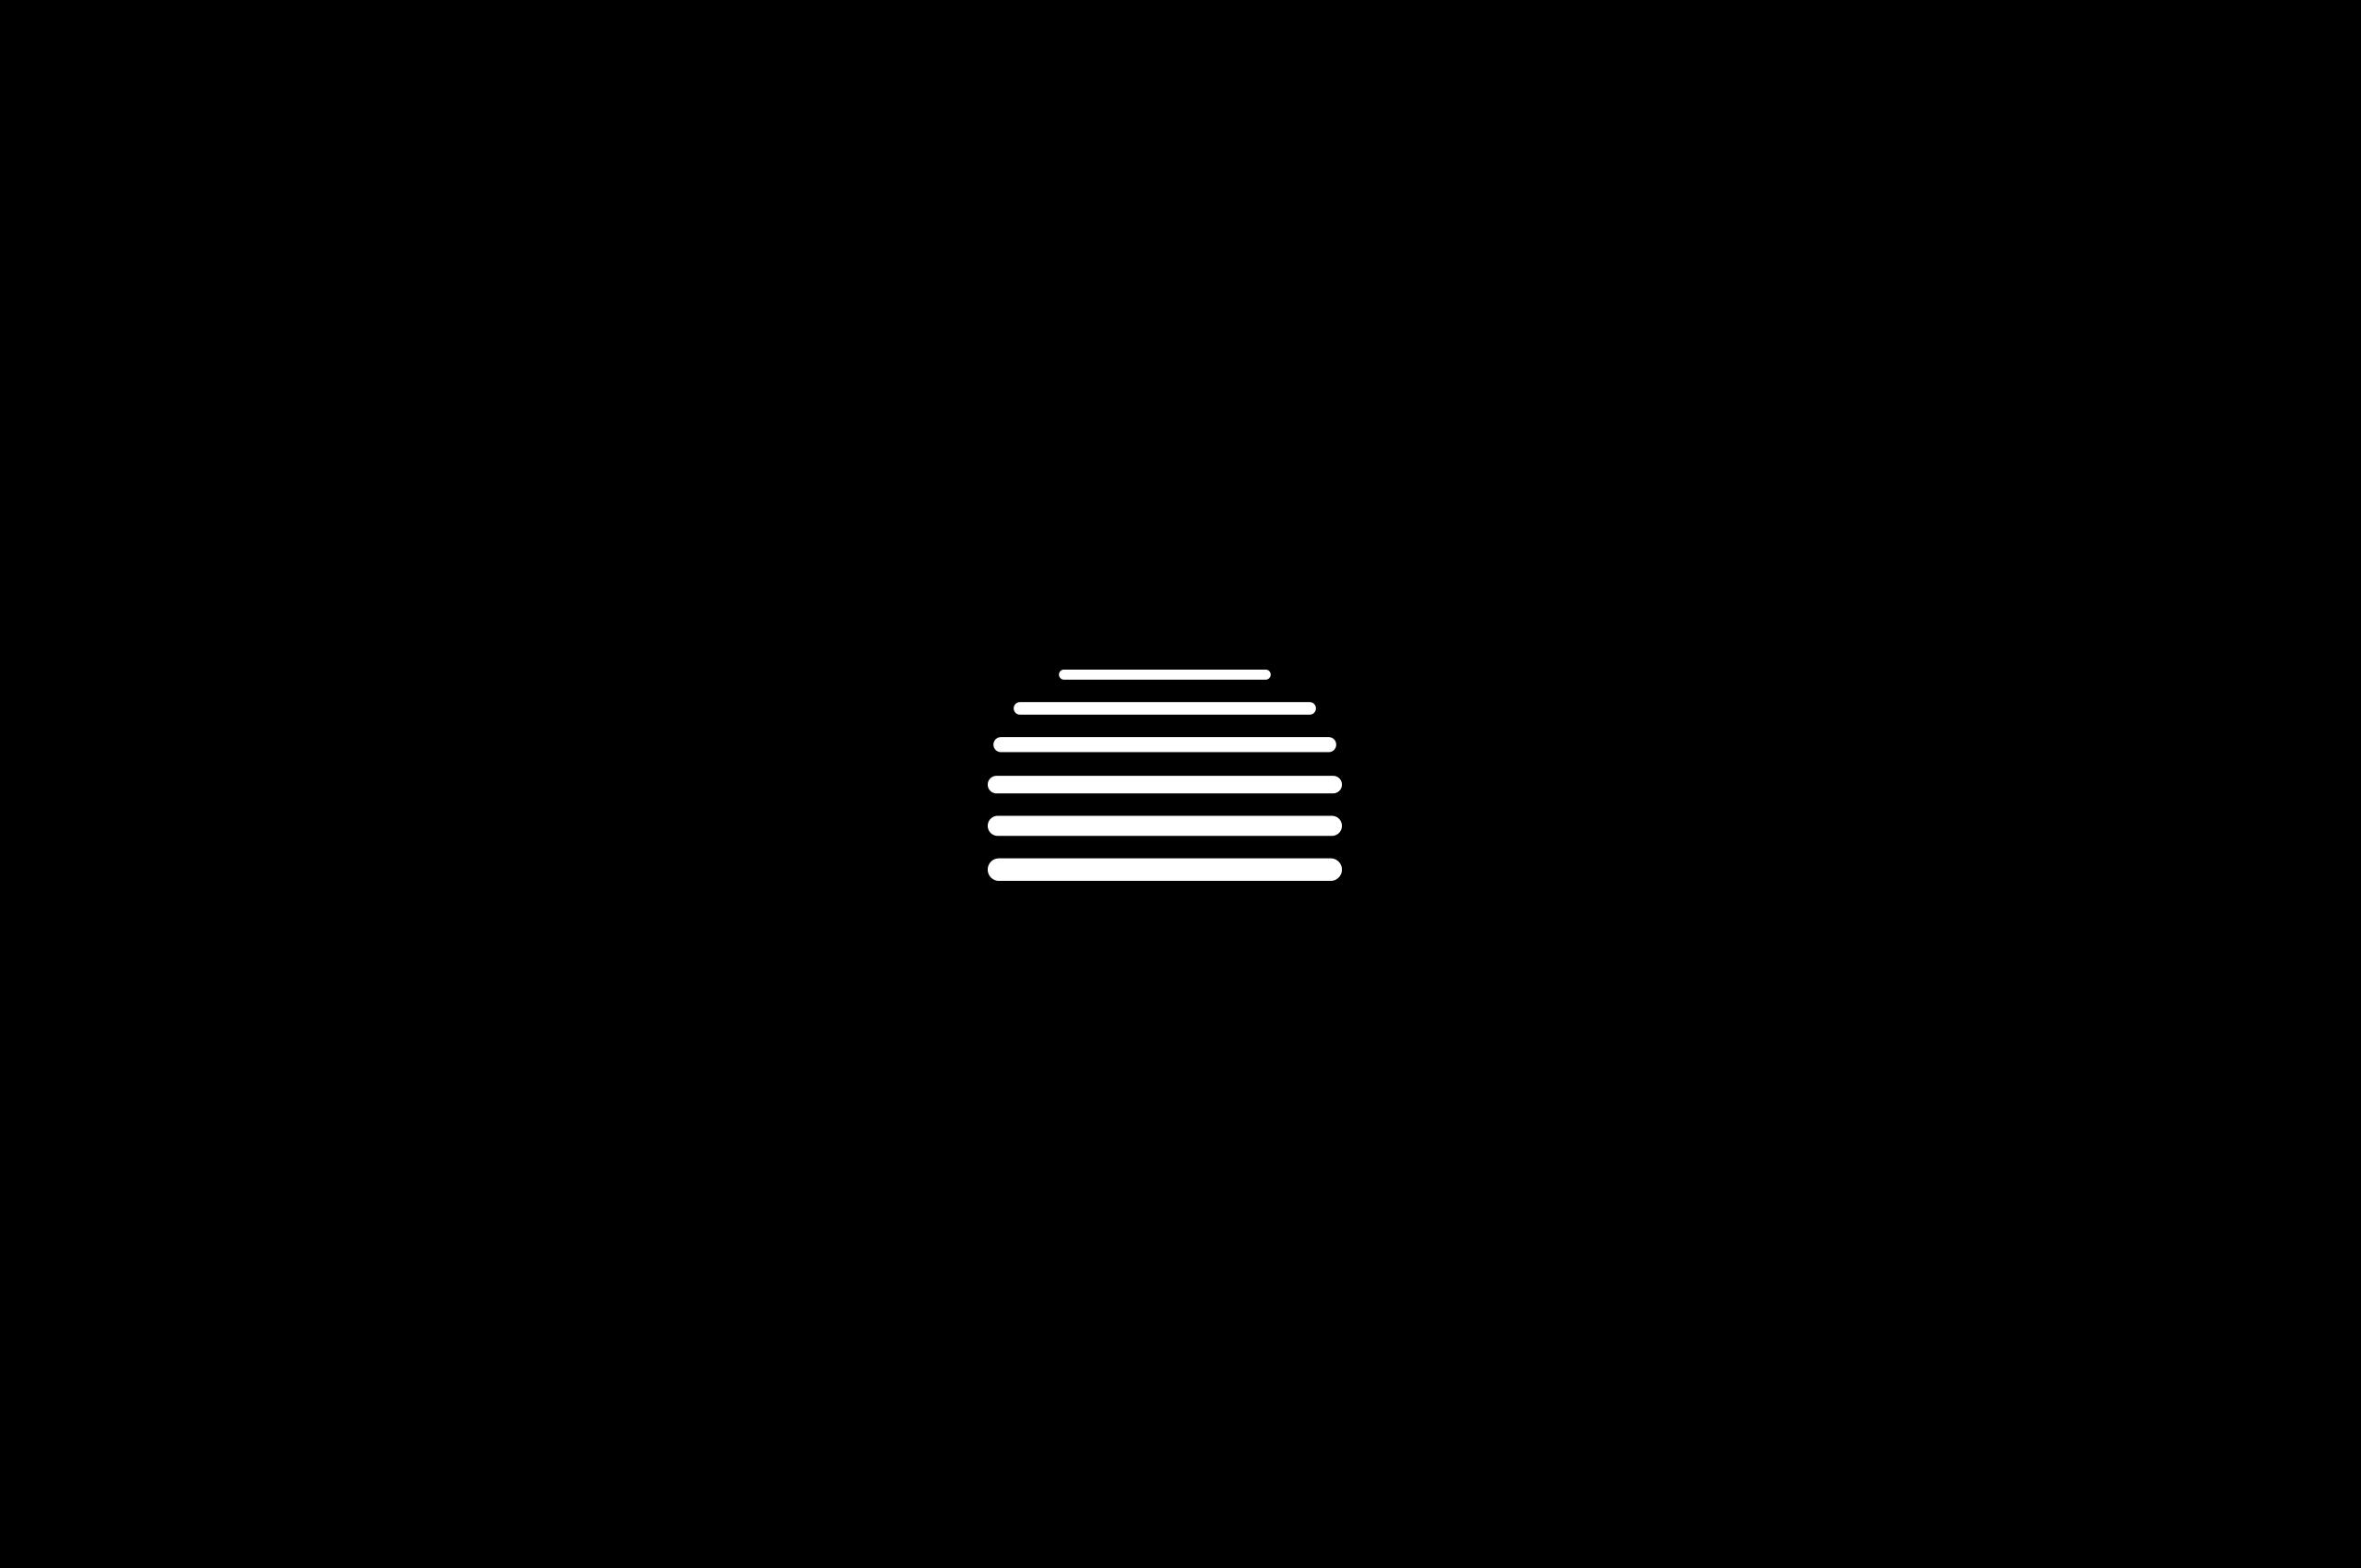 logocollection-2021-17